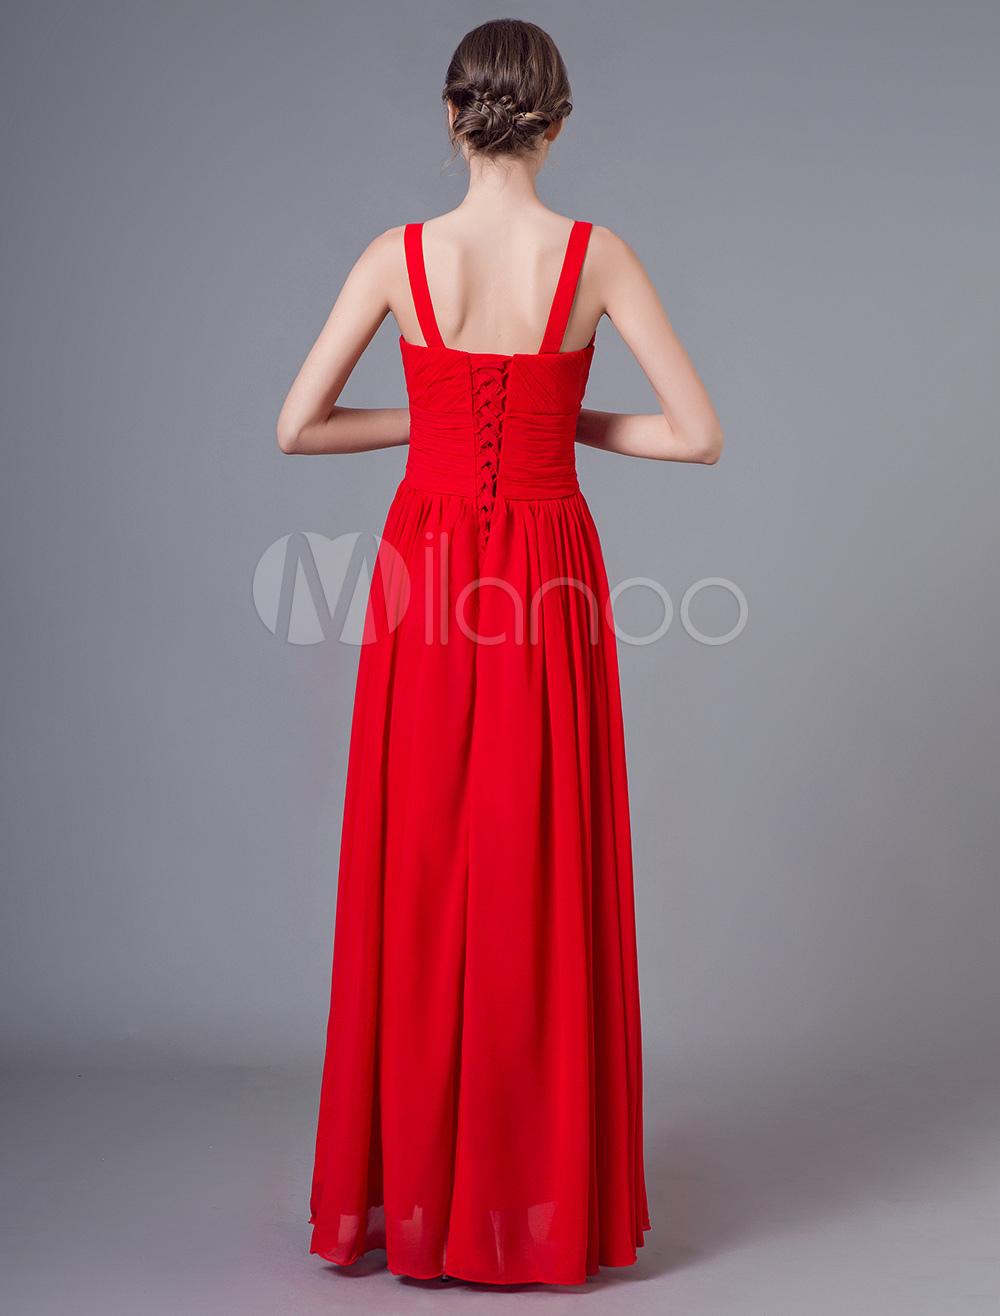 robes de bal 2019 rouge mousseline de soie longue robe de. Black Bedroom Furniture Sets. Home Design Ideas